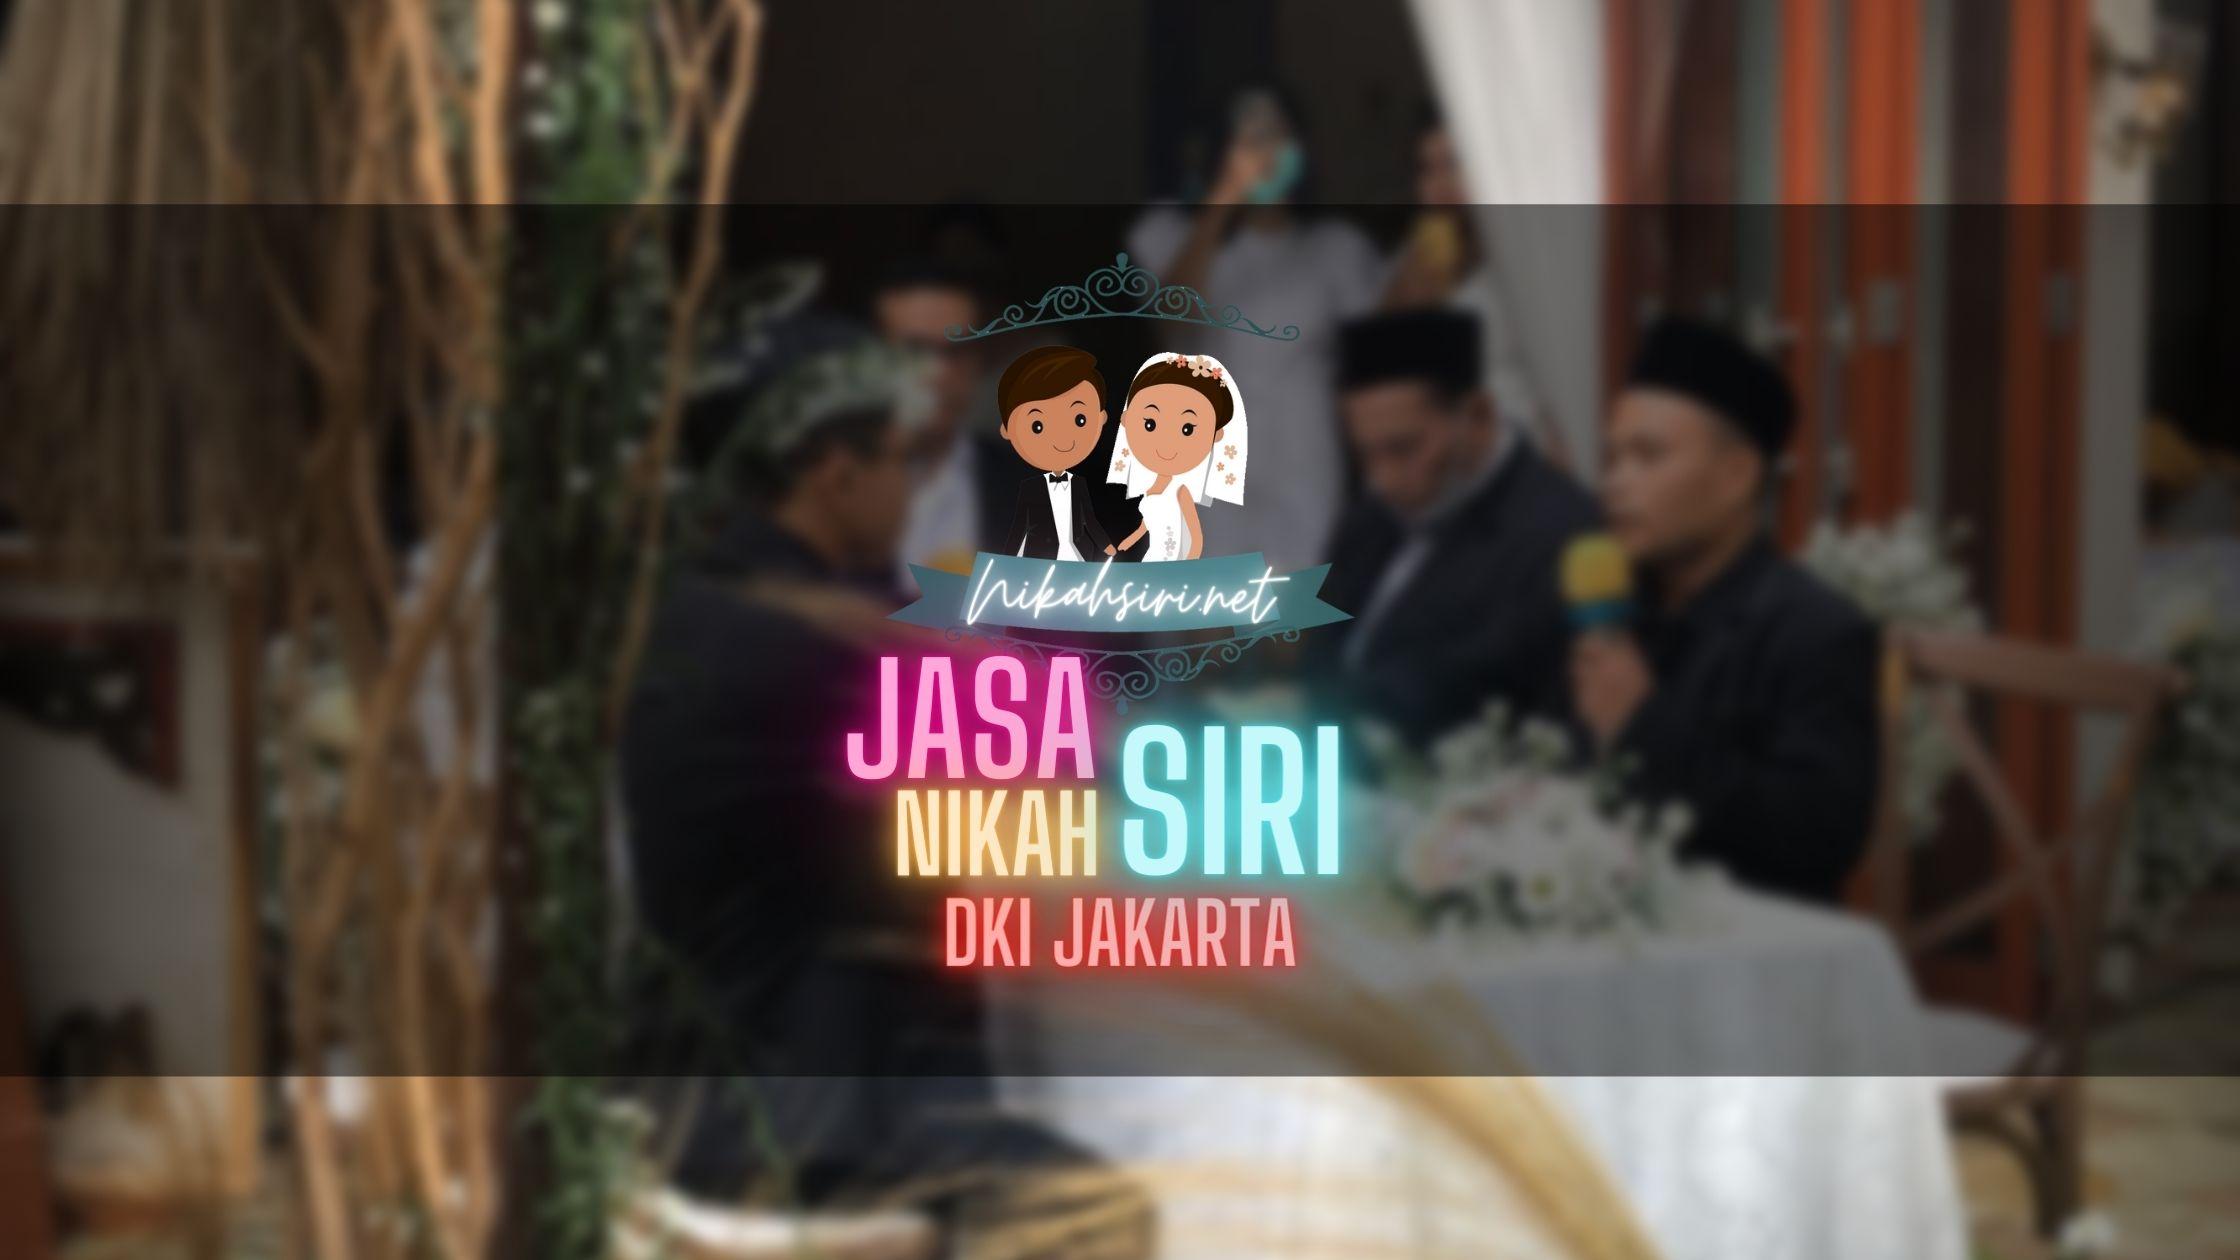 Jasa Nikah Siri Jakarta